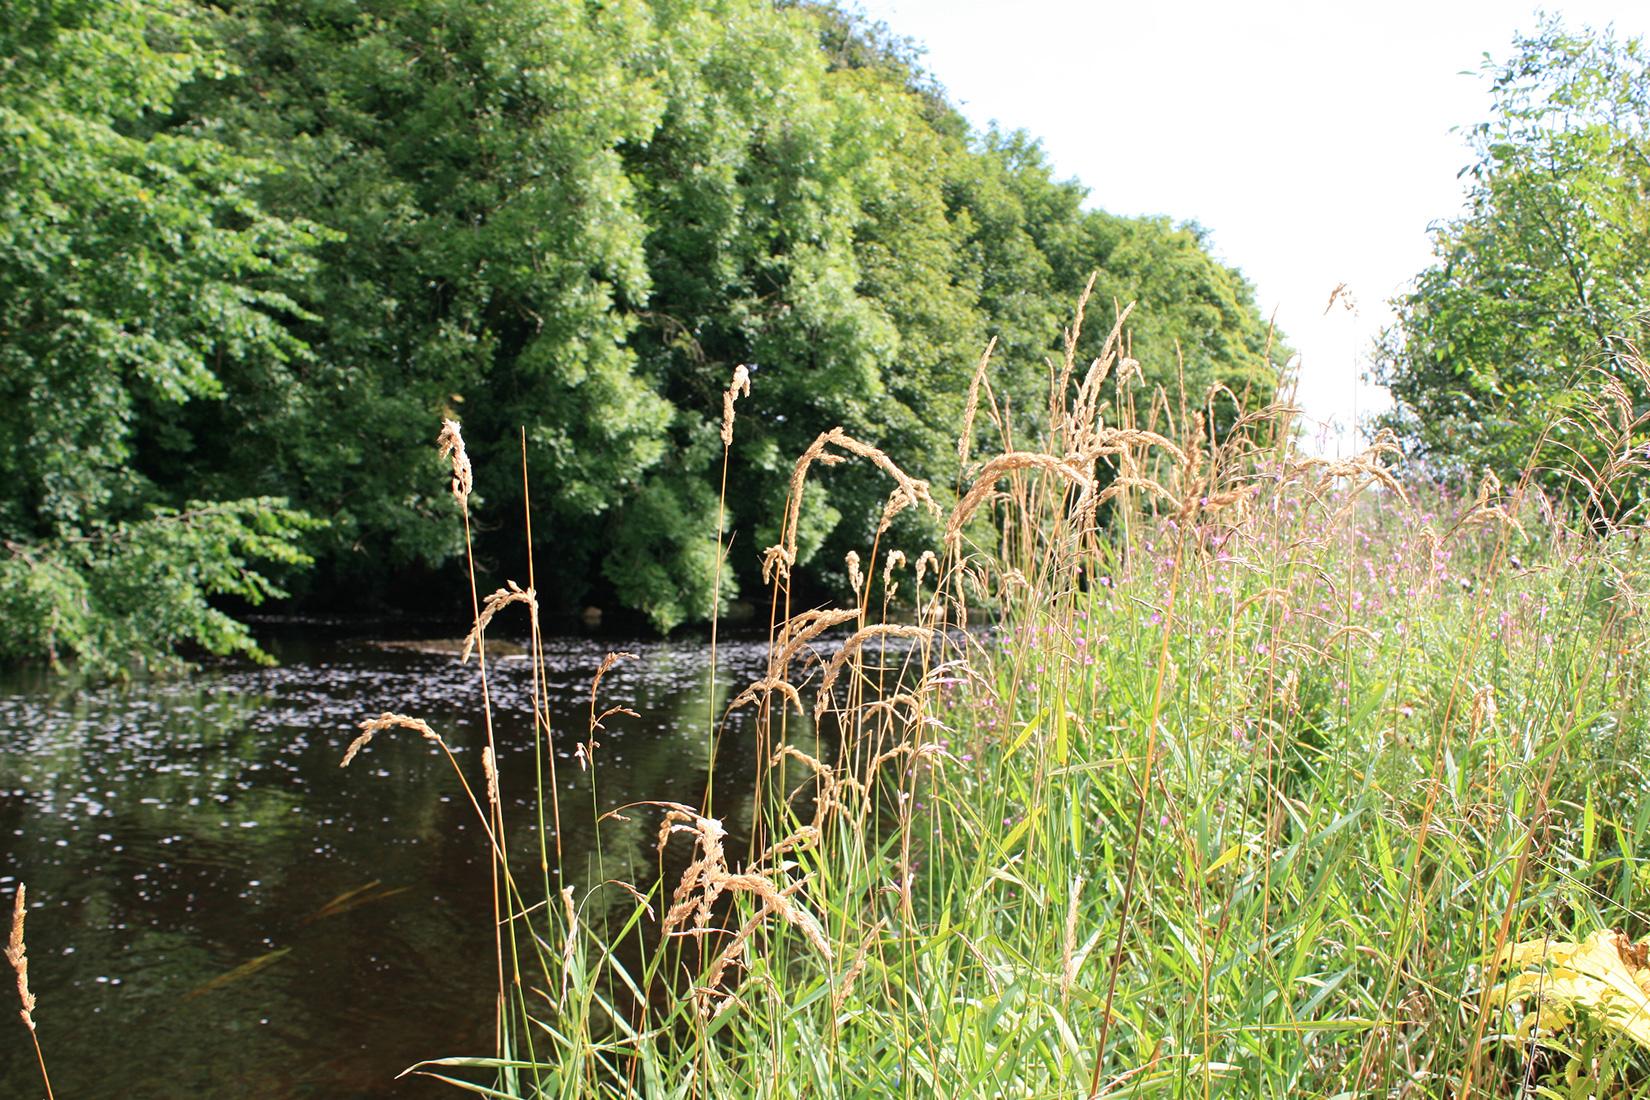 landscape-river-trees-grassland